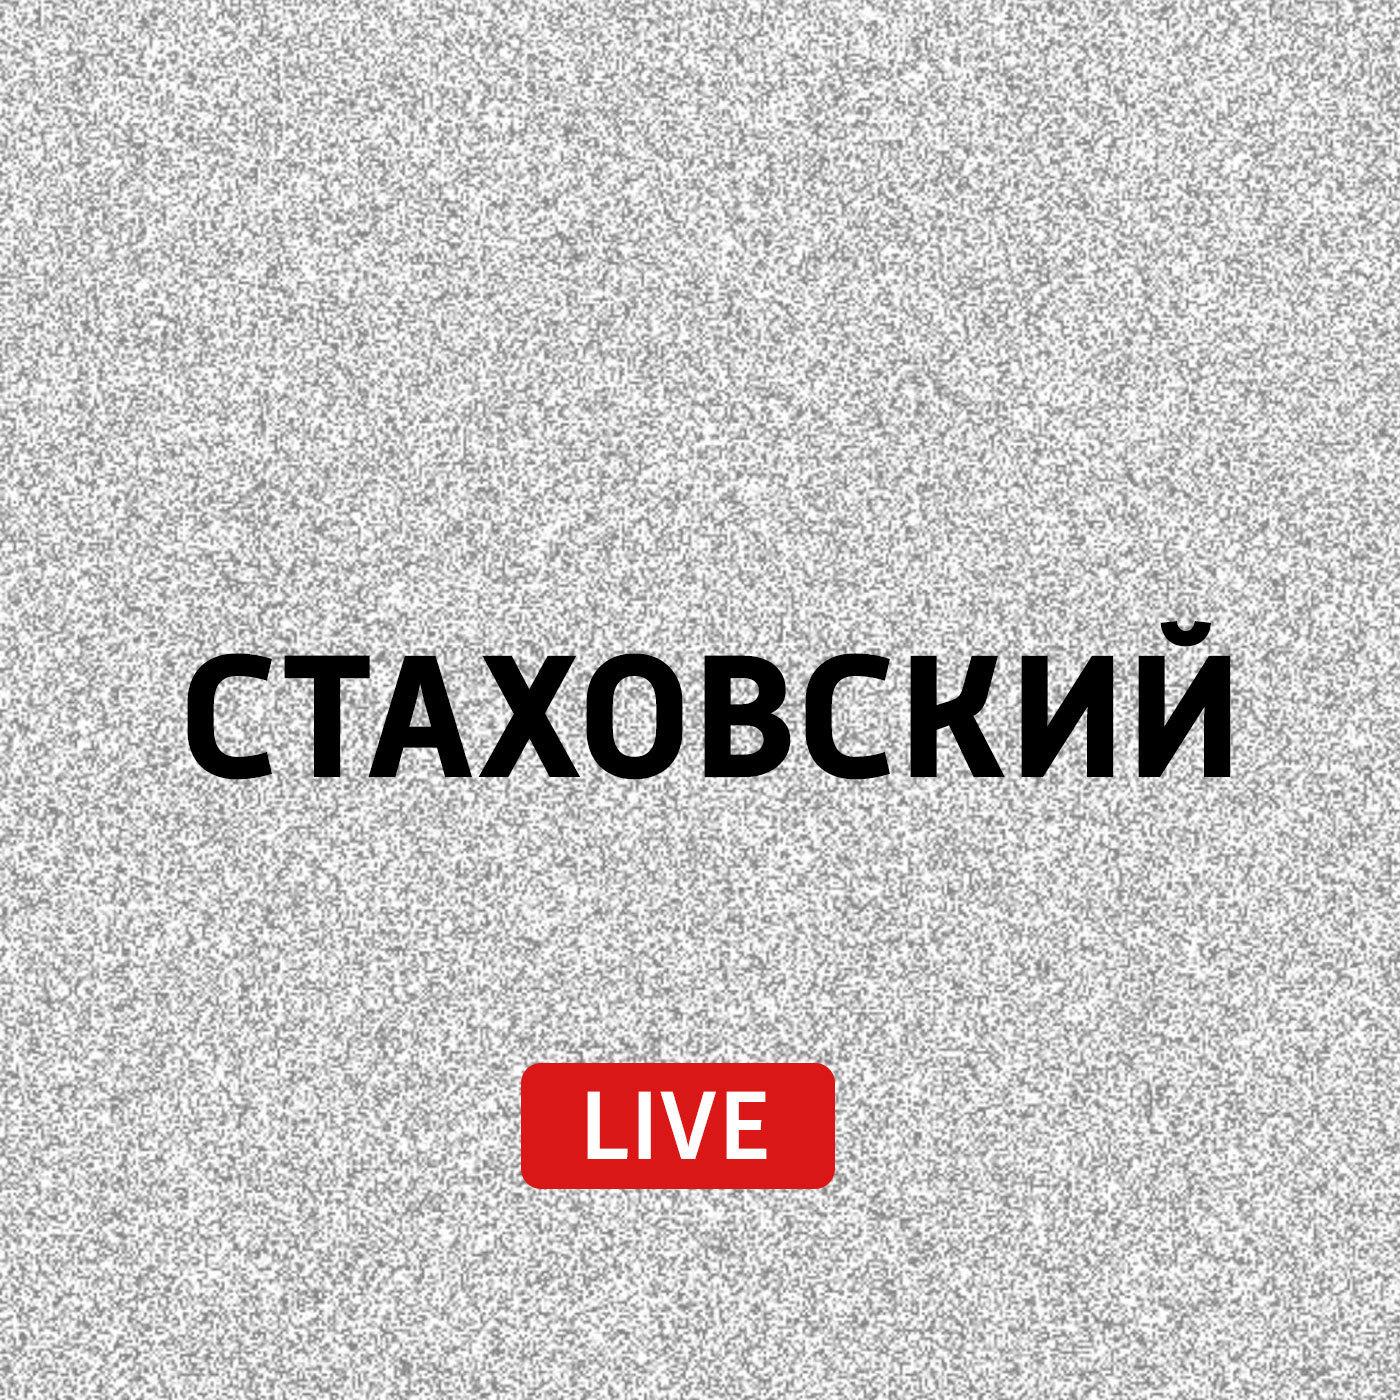 Евгений Стаховский «Все формулы мира» и прочие разговоры о книгах